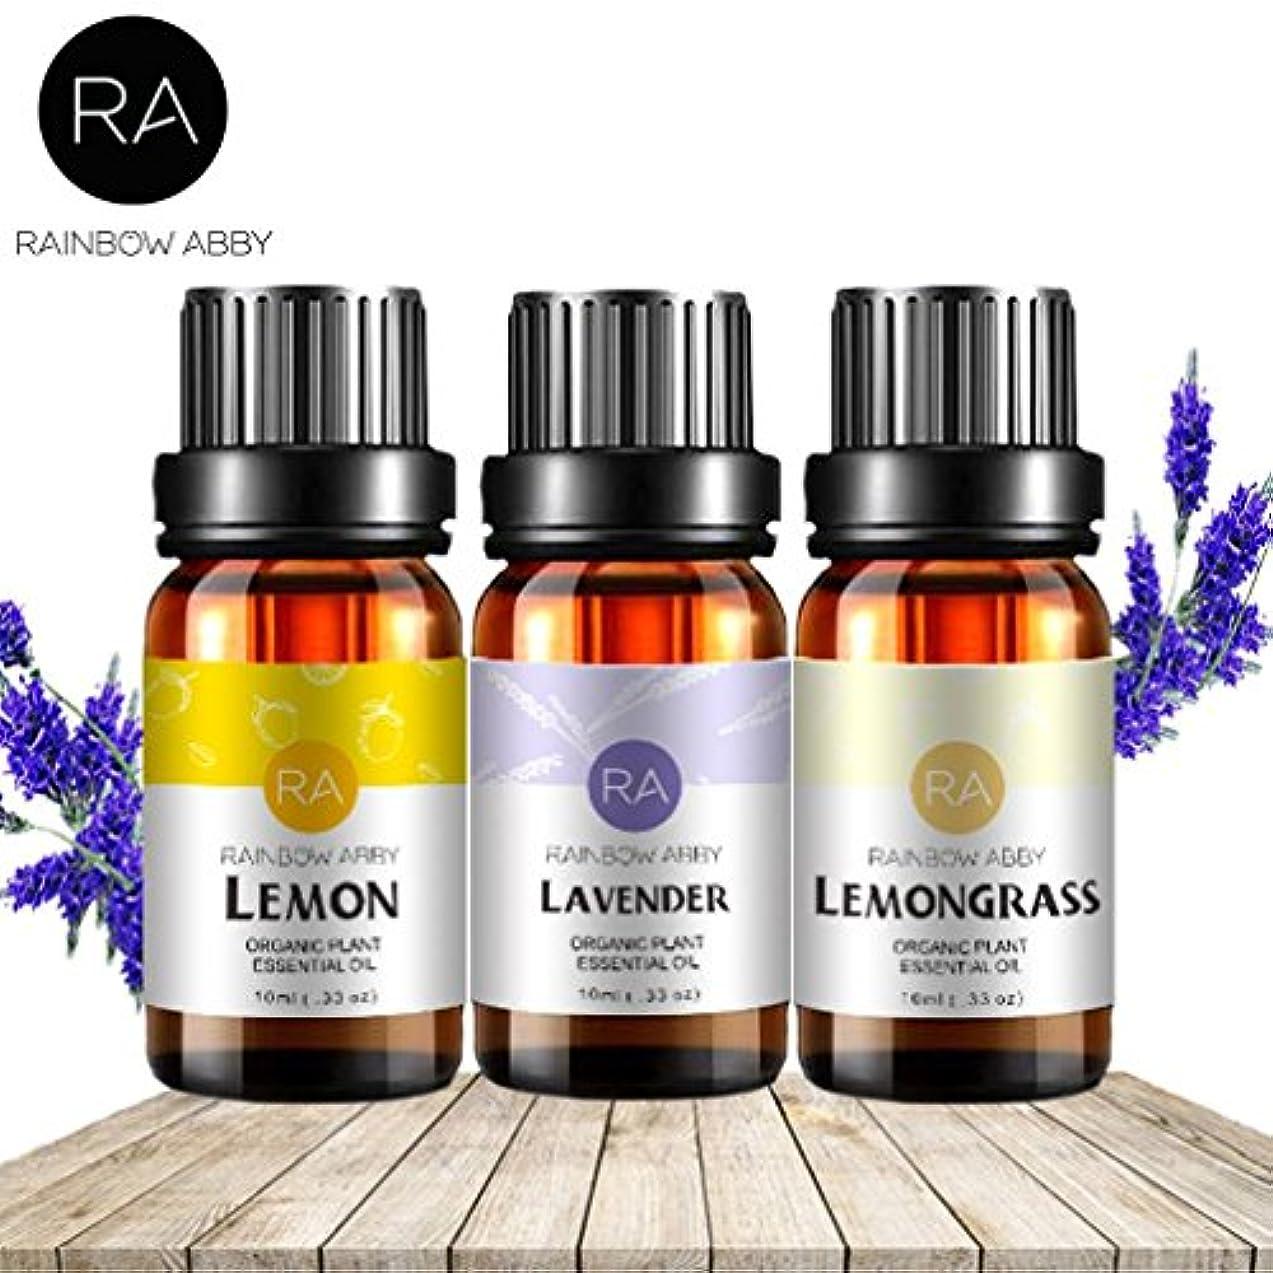 食欲受取人近々RAINBOW ABBY ラベンダー レモン レモングラス エッセンシャル オイル 10ML 純粋な 天然 アロマセラピー オイル 治療用 グレード、バリュー3パック